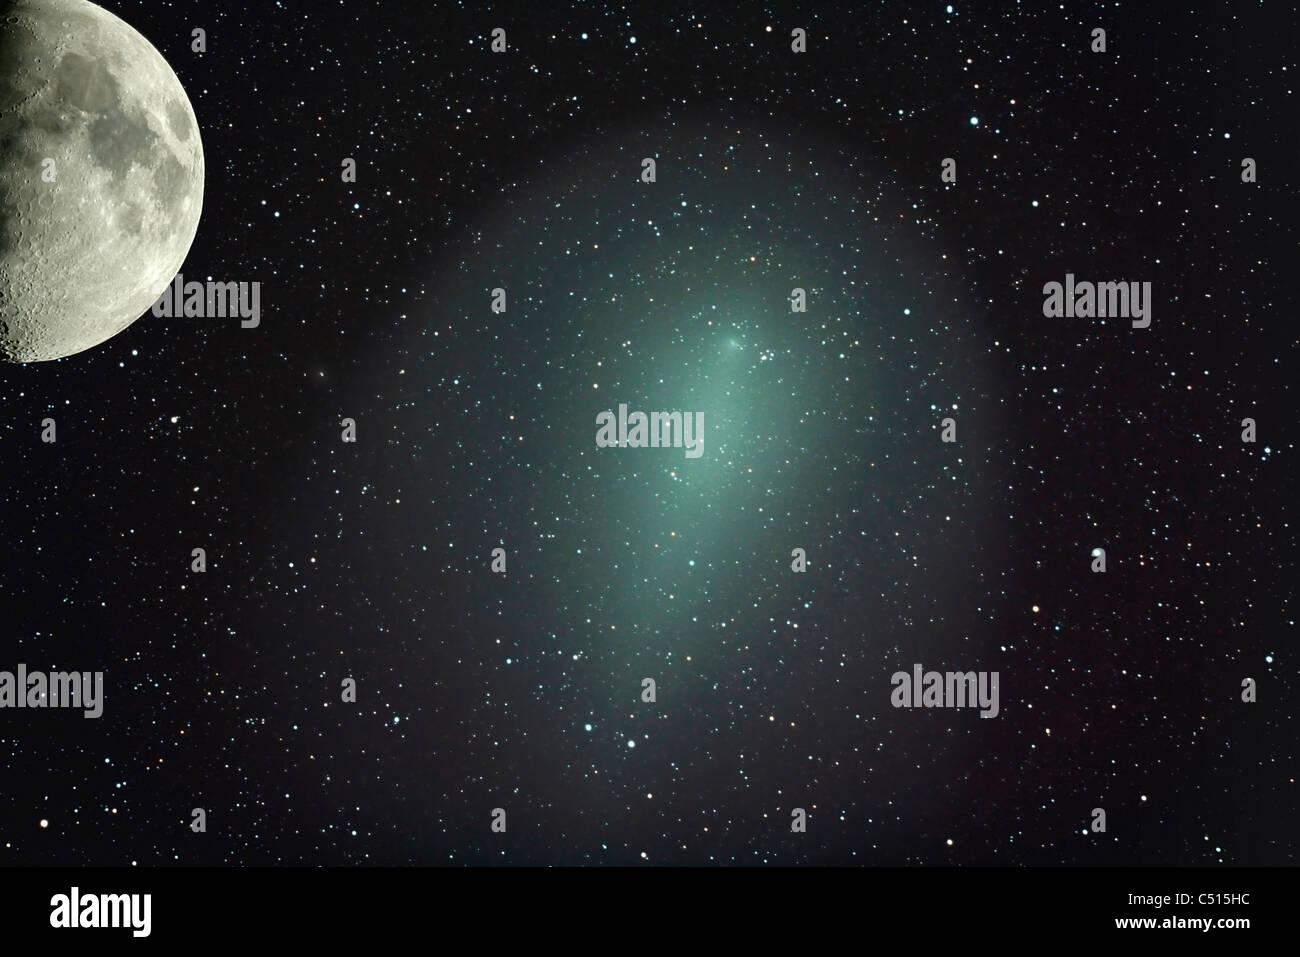 Dimensioni della cometa Holmes in confronto con la luna. Immagini Stock